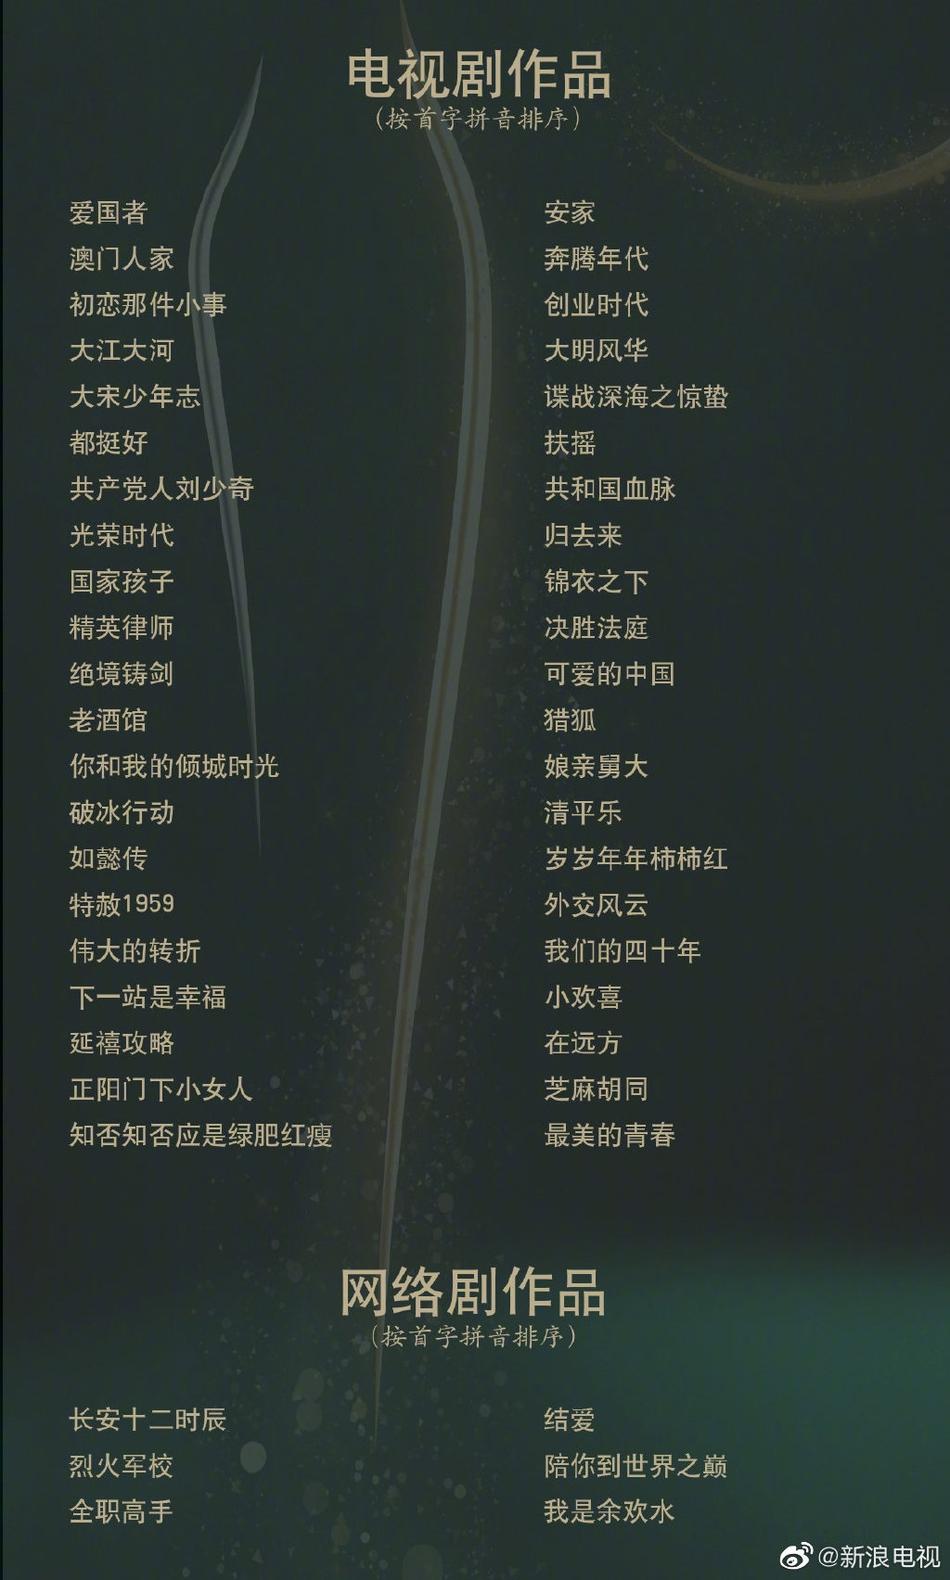 金鹰奖首轮评选结果公布 第二轮参选名单曝光